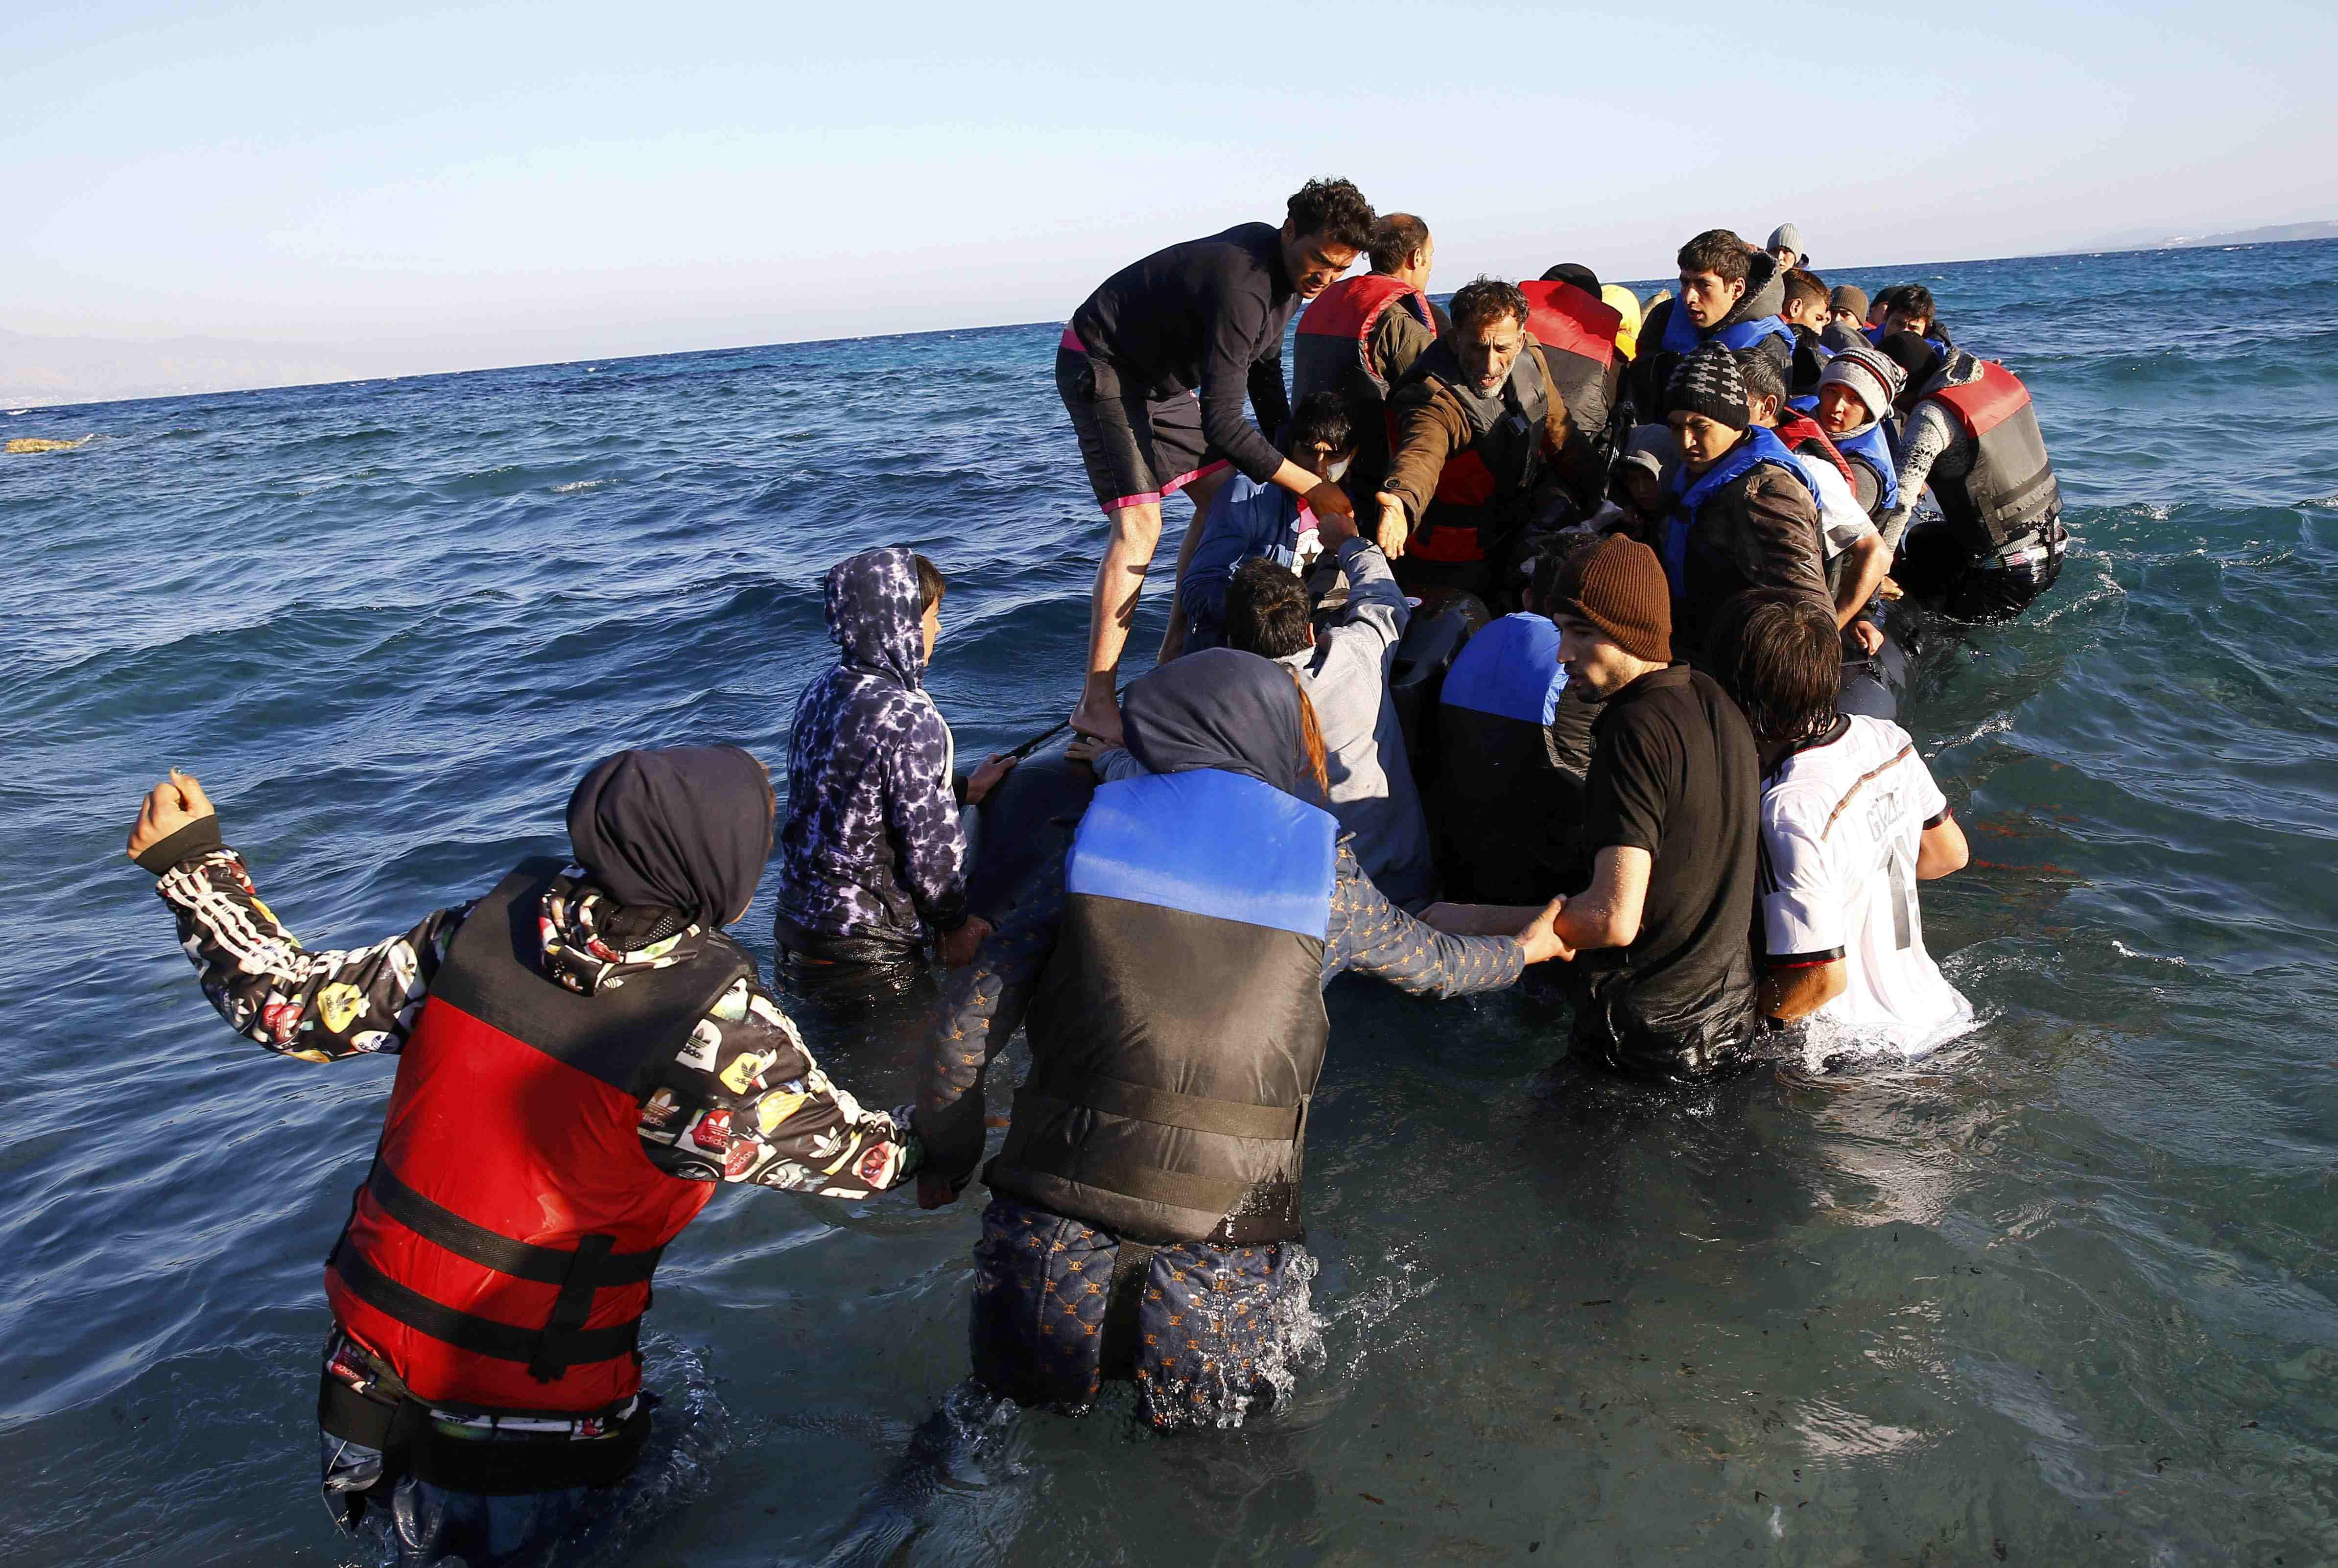 Pengungsi naik ke perahu kecil dari pulau Chios Yunani saat mereka mencoba pergi dari pesisir barat Turki, kota Cesme, provinsi Izmir, Turki, Rabu (4/11). REUTERS/Umit Bektas.